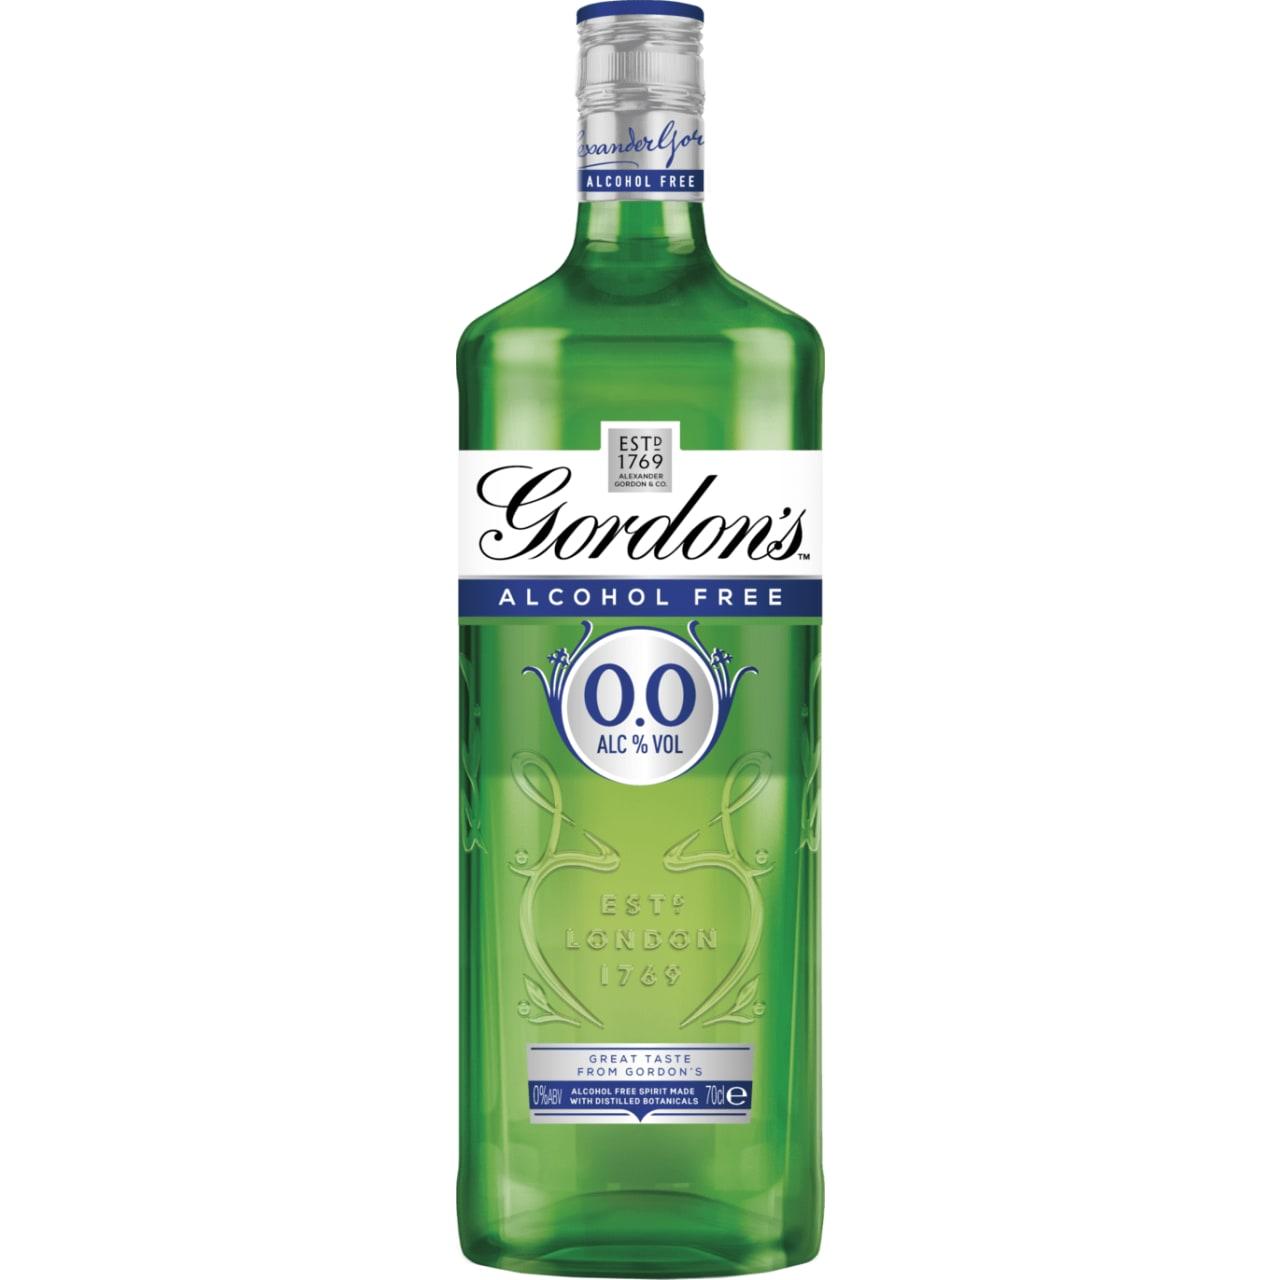 Product Image - Gordon's Alcohol Free